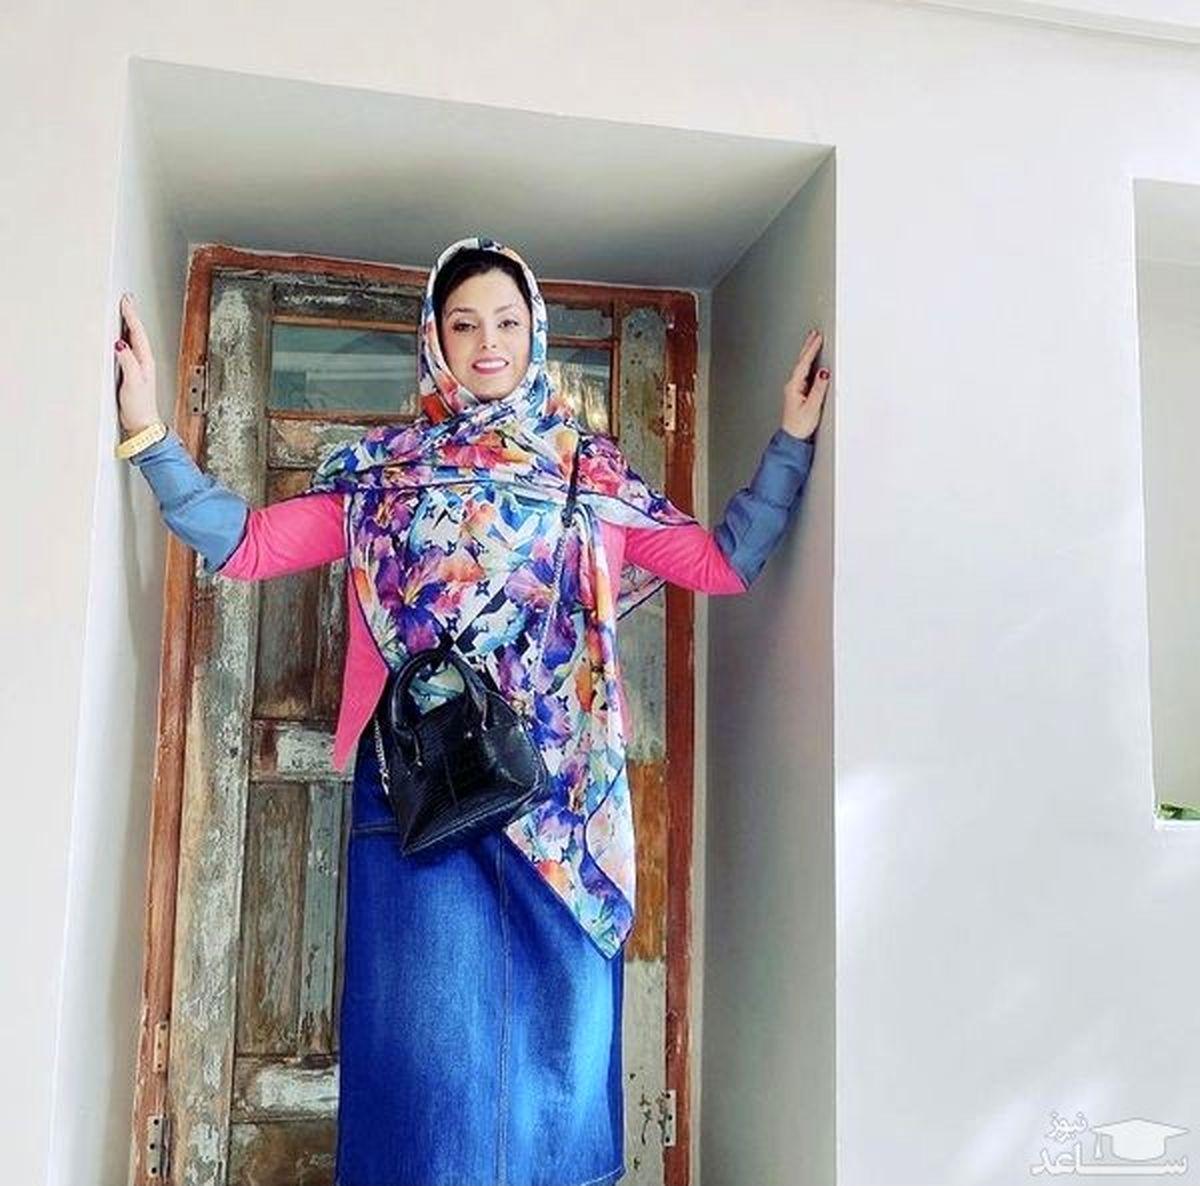 خداحافظی شوکه کننده صبا راد از خانه اش در ترکیه/چرا صبا راد به ایران برگشت +فیلم